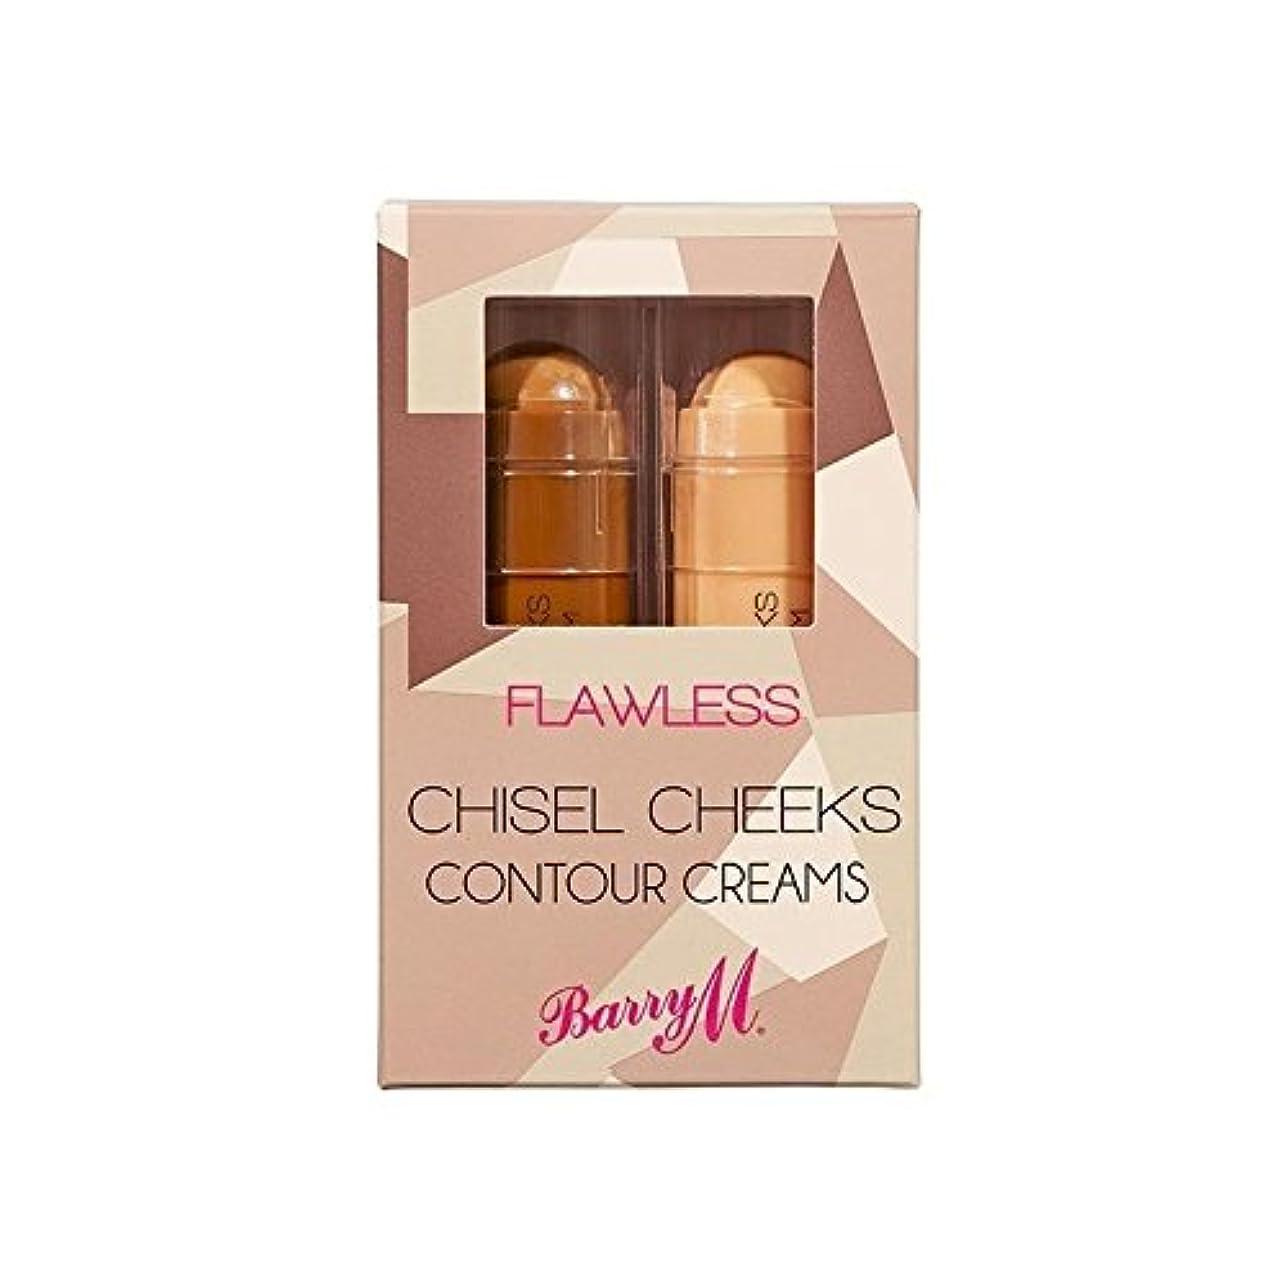 見つけたモットー奪うバリーメートルチゼル頬の輪郭クリーム x2 - Barry M Chisel Cheek Contour Creams (Pack of 2) [並行輸入品]